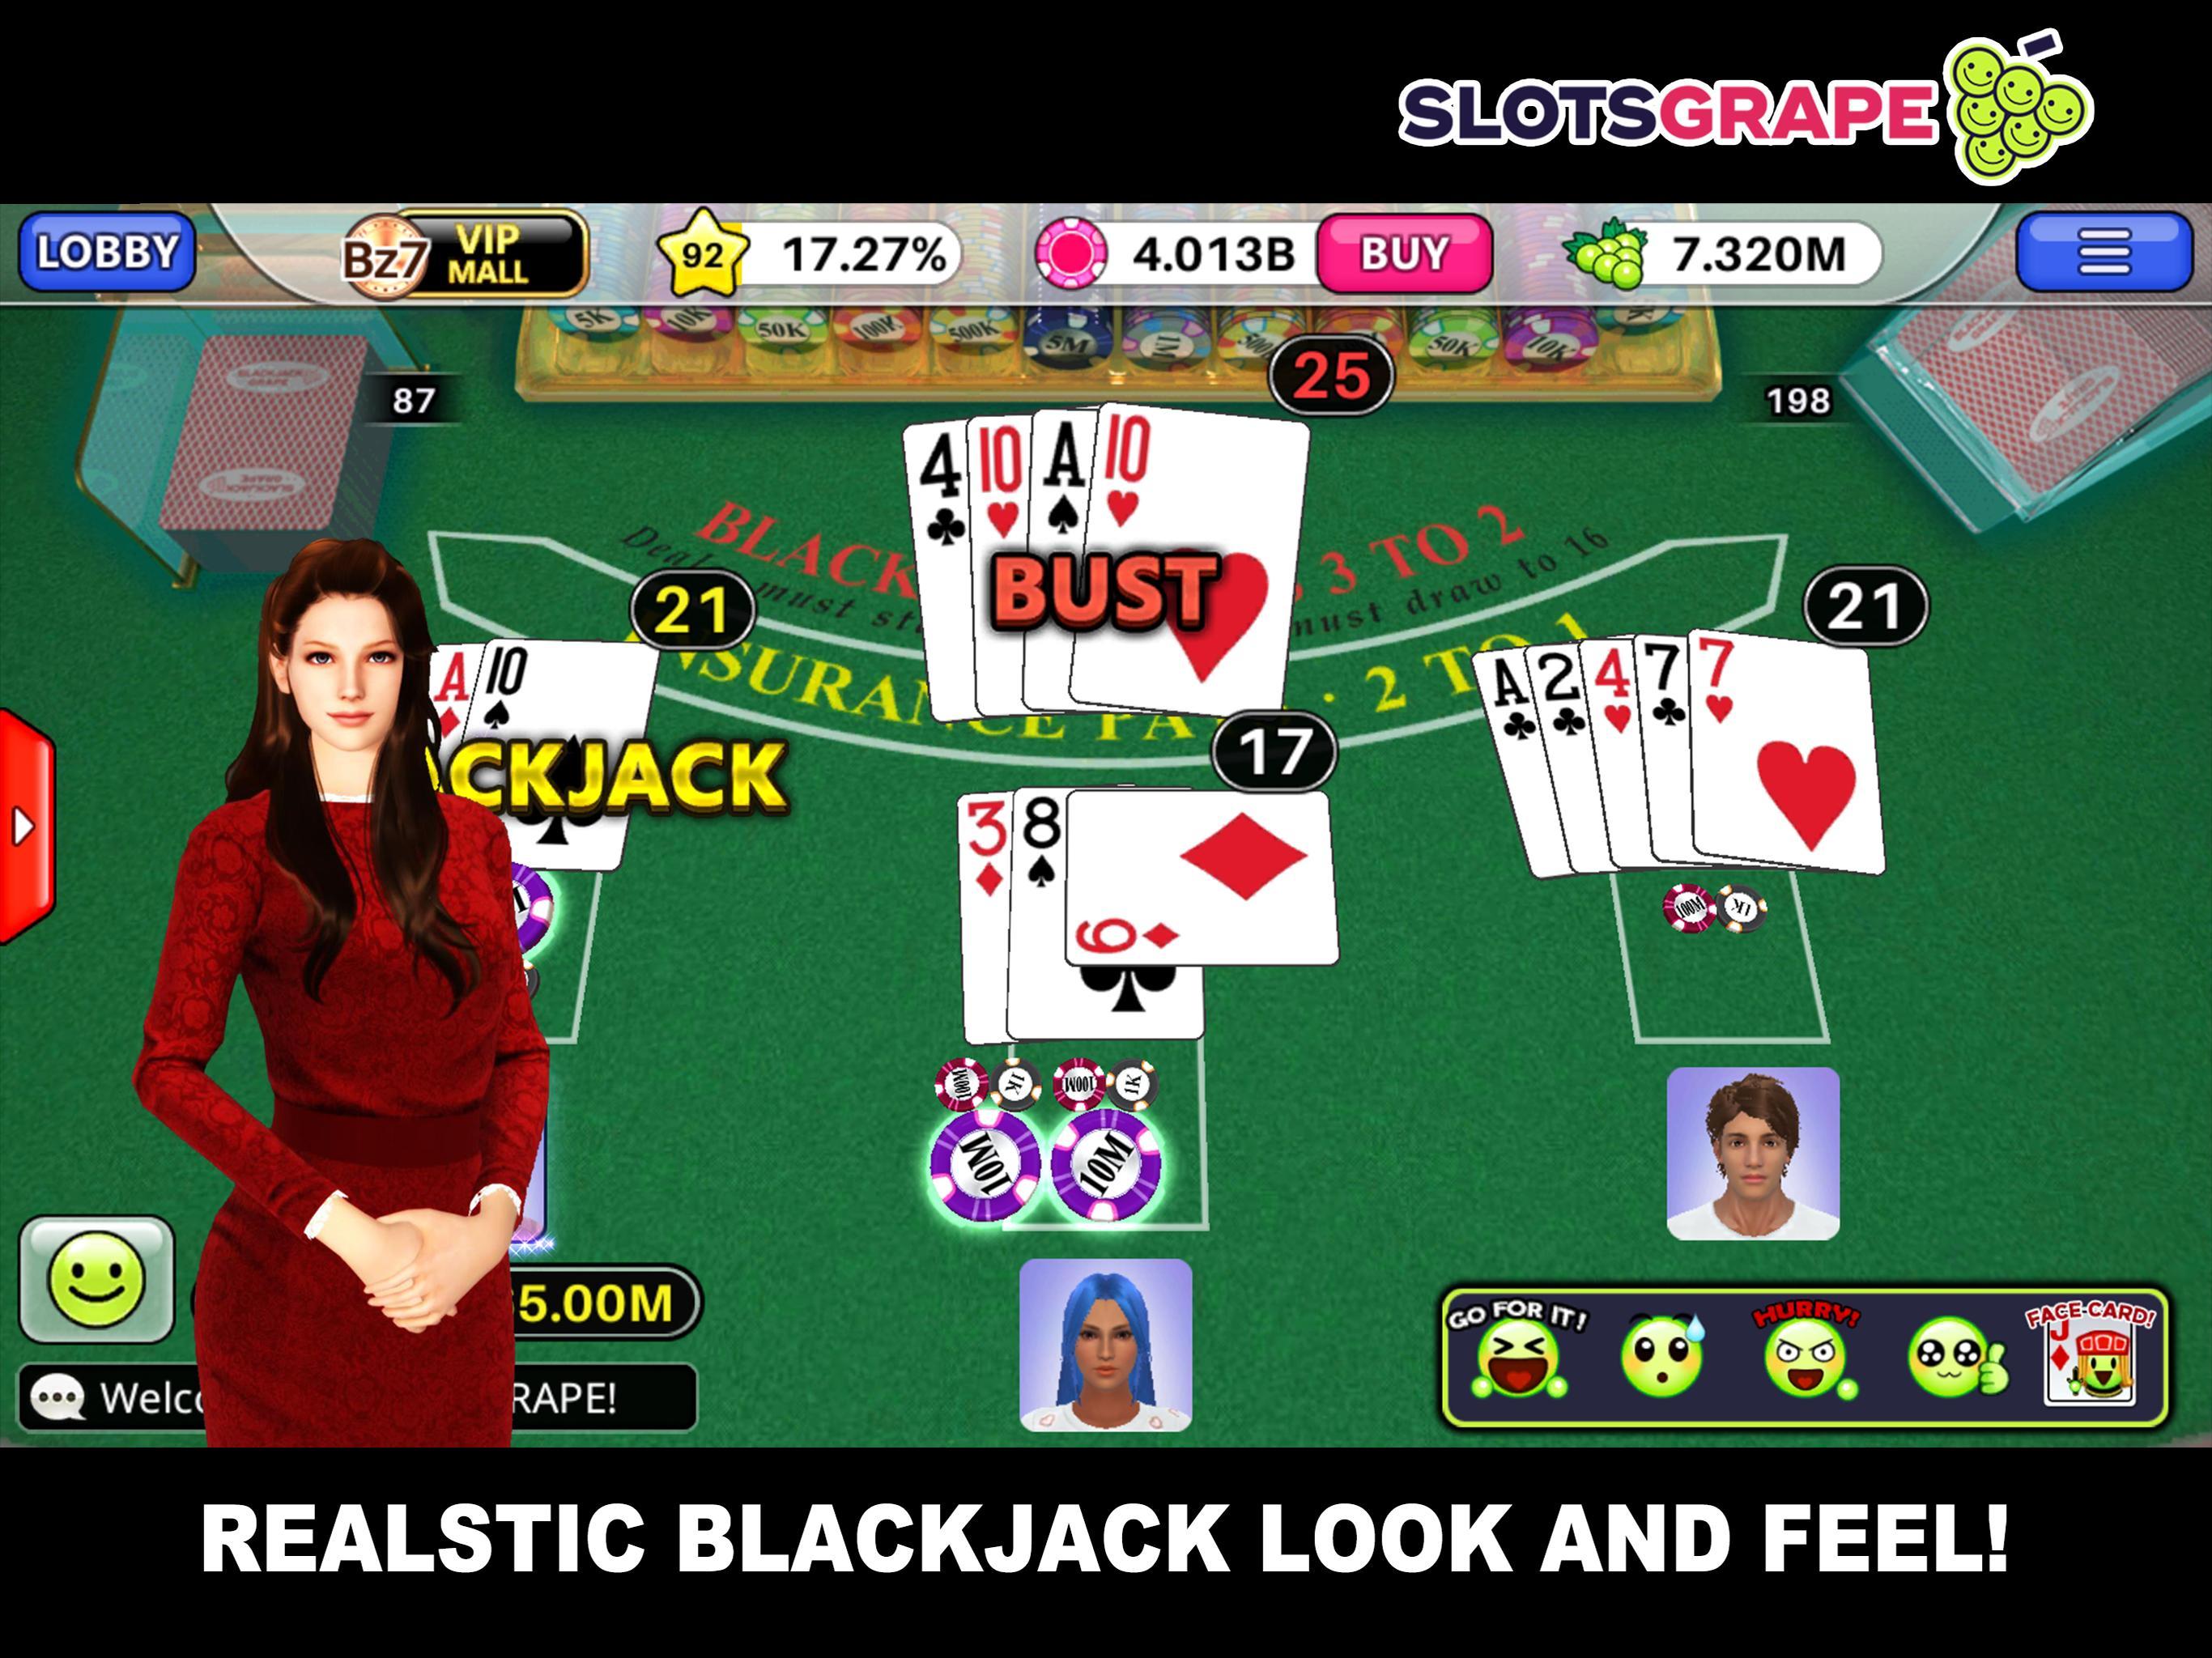 SLOTS GRAPE Free Slots and Table Games 1.0.78 Screenshot 9